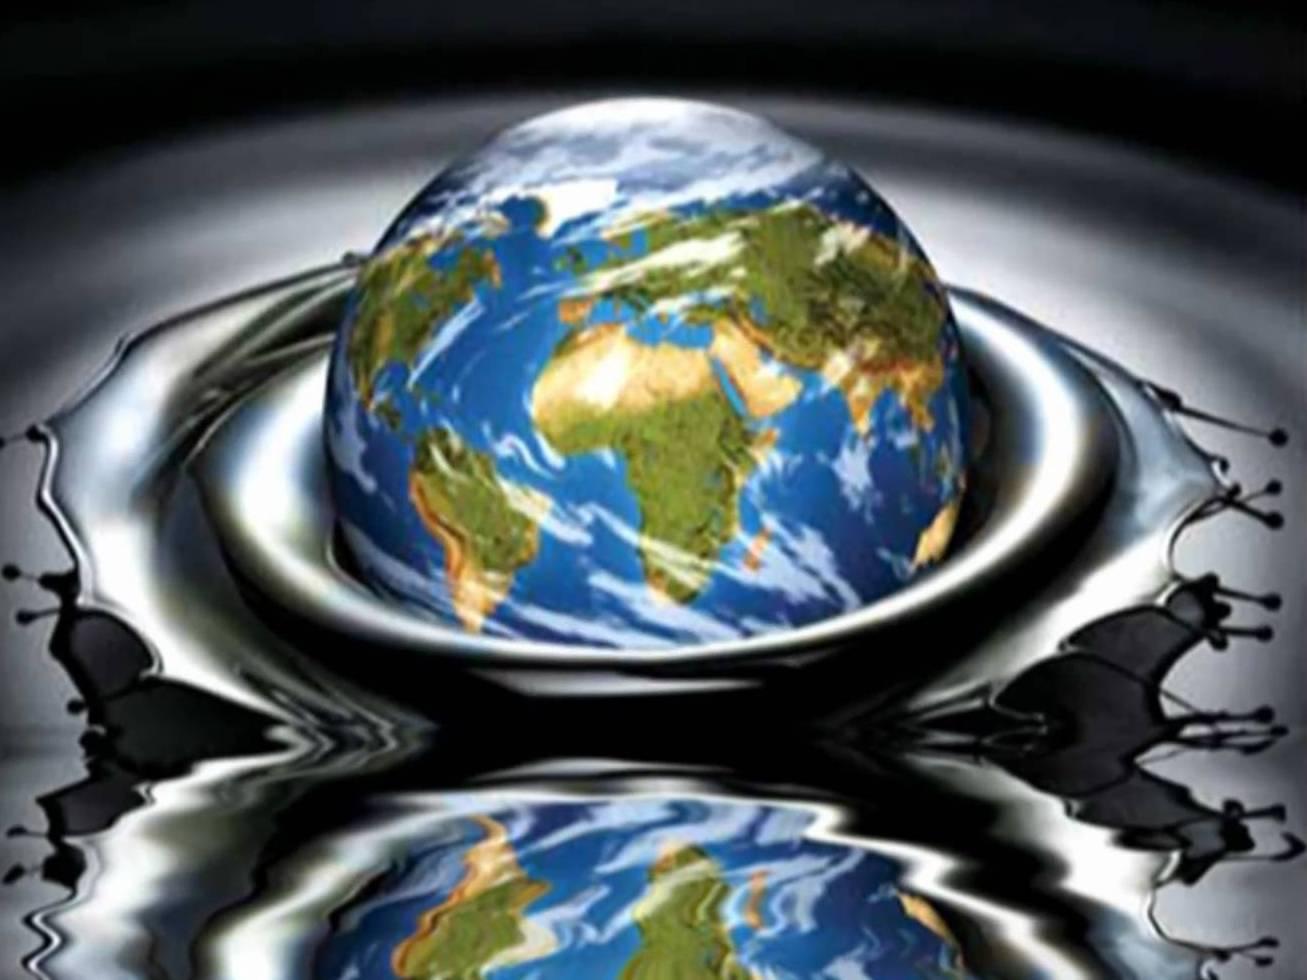 Баланс нарынке нефти восстановится в будущем году — МЭА